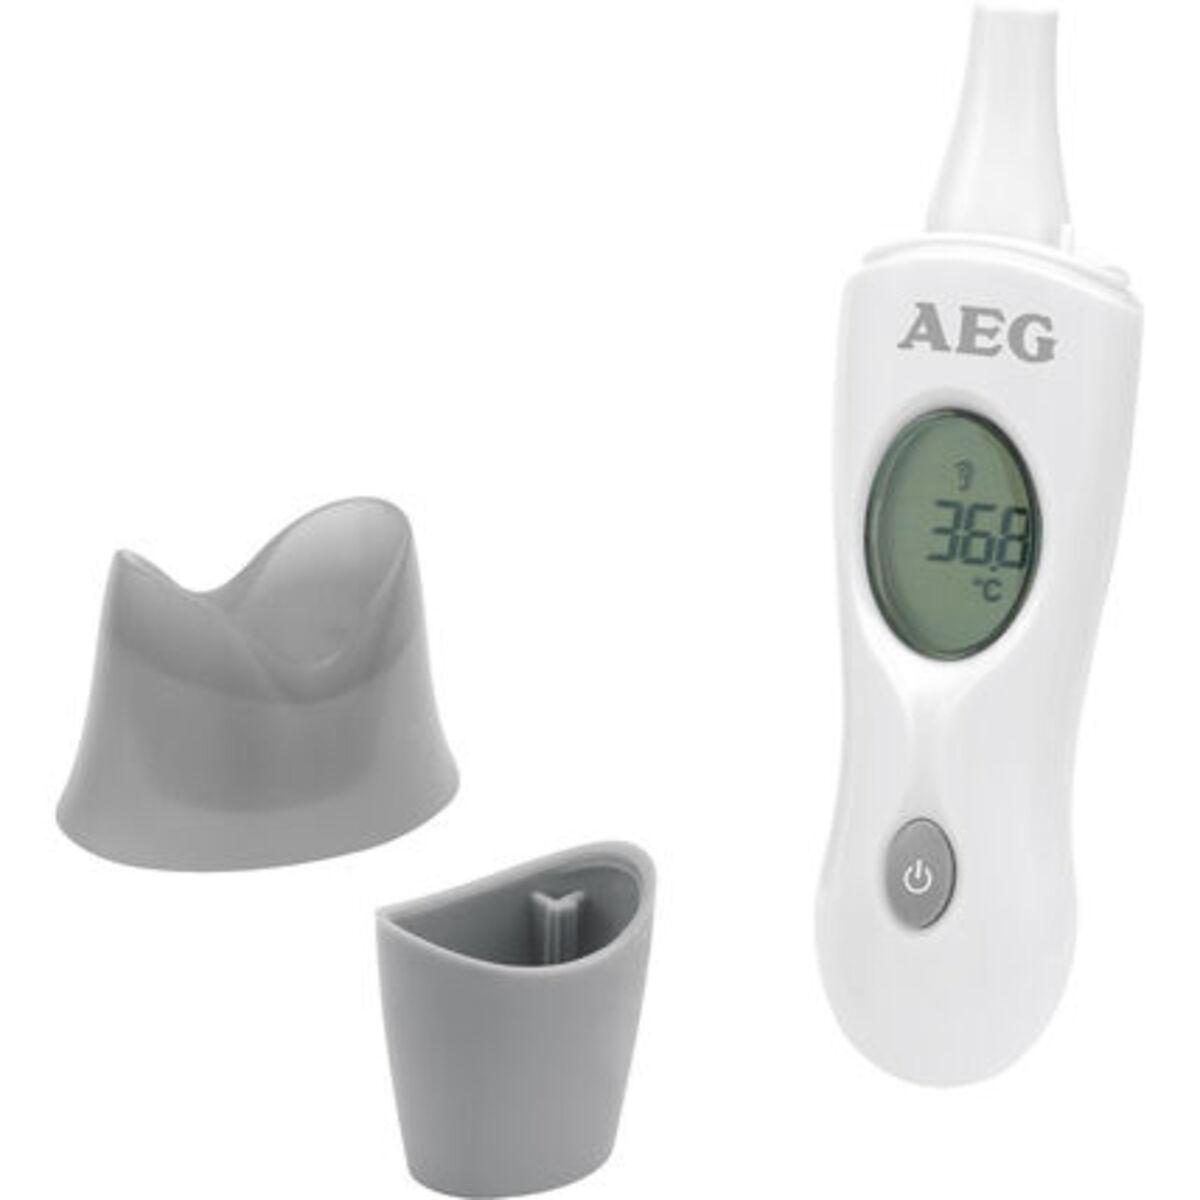 Bild 3 von AEG Infrarot-Thermometer FT 4925, Ohr-/Stirnmessung, 4in1, Ein-Knopf-Messung, weiß/grau